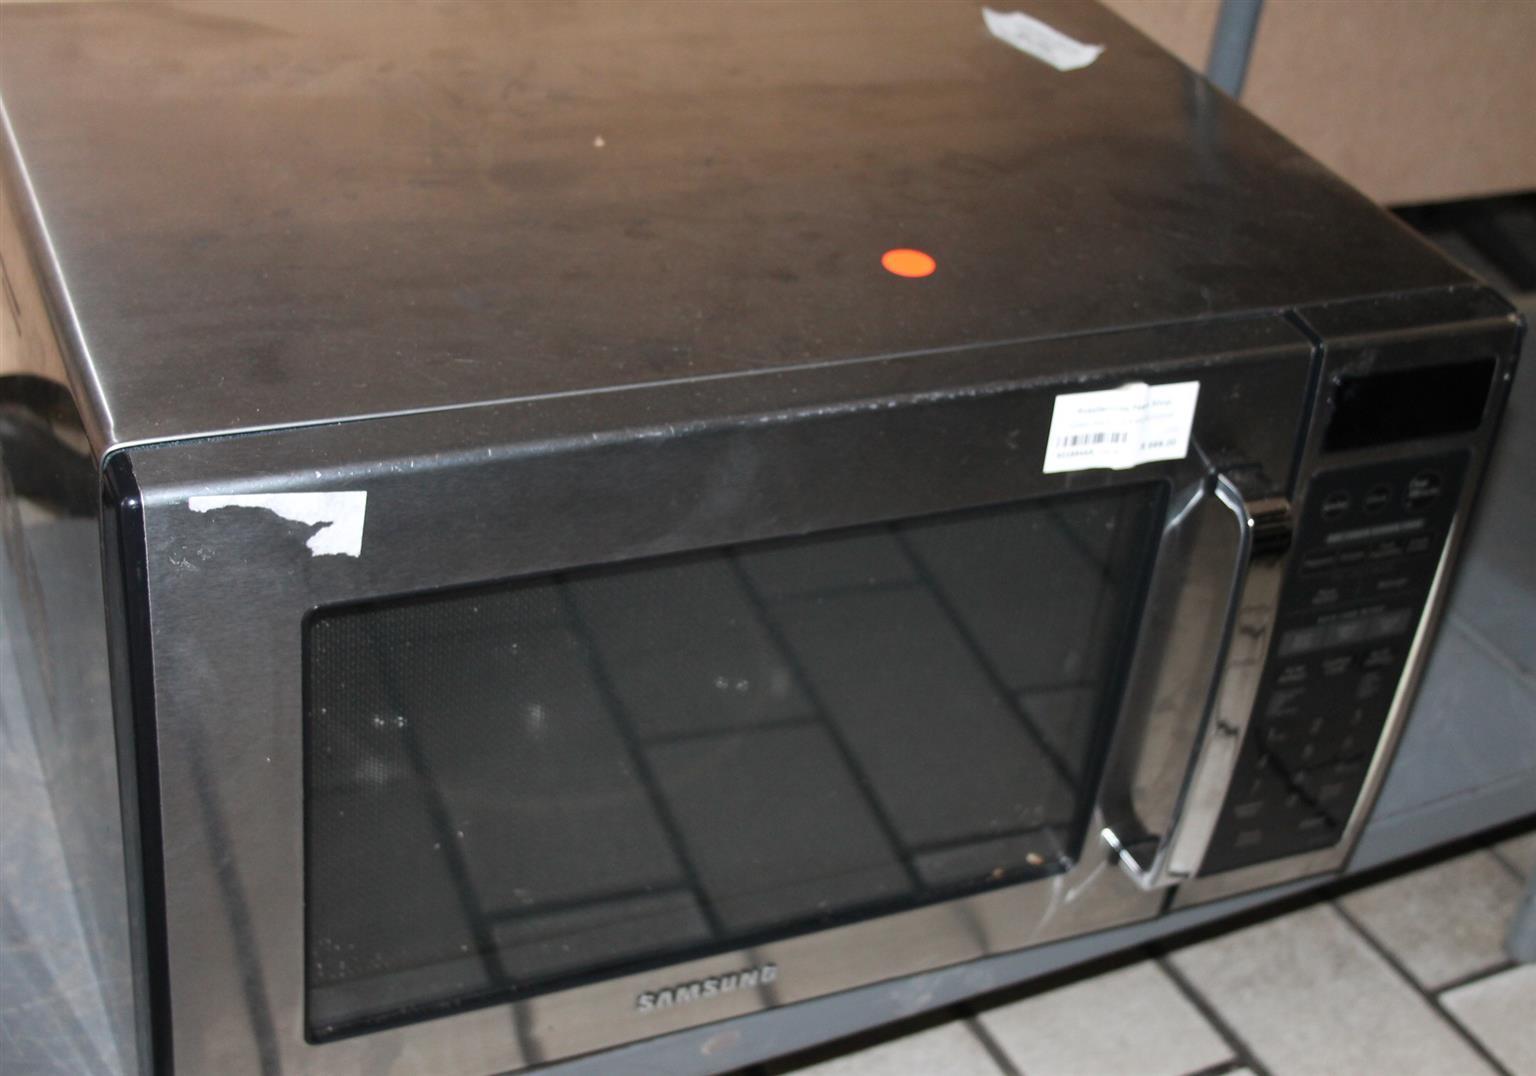 Samsung microwave S028044a  #Rosettenvillepawnshop